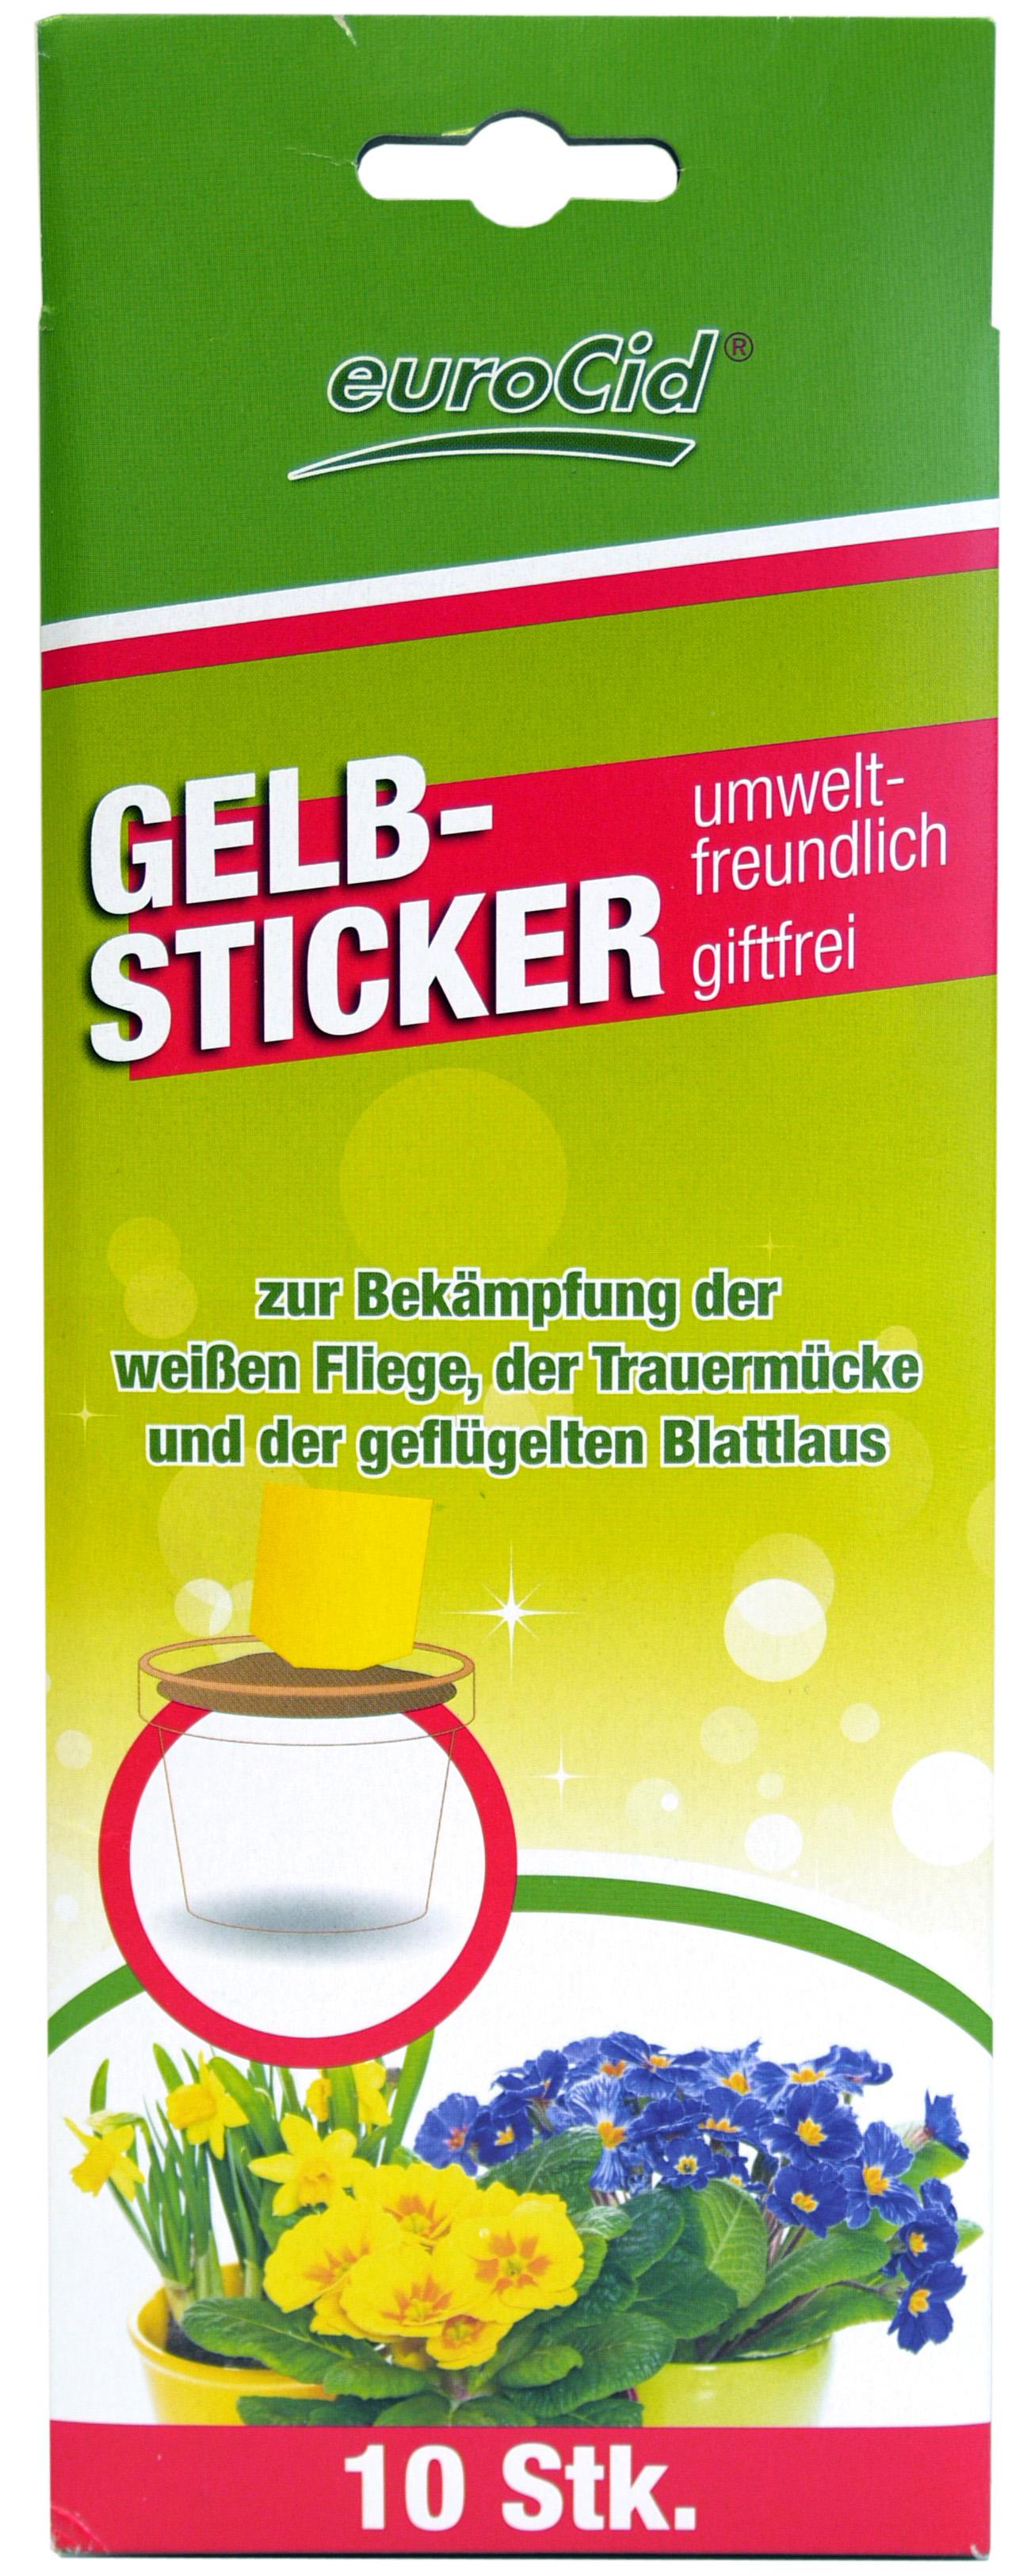 02179 - euroCid Gelbsticker 10er im Displaykarton